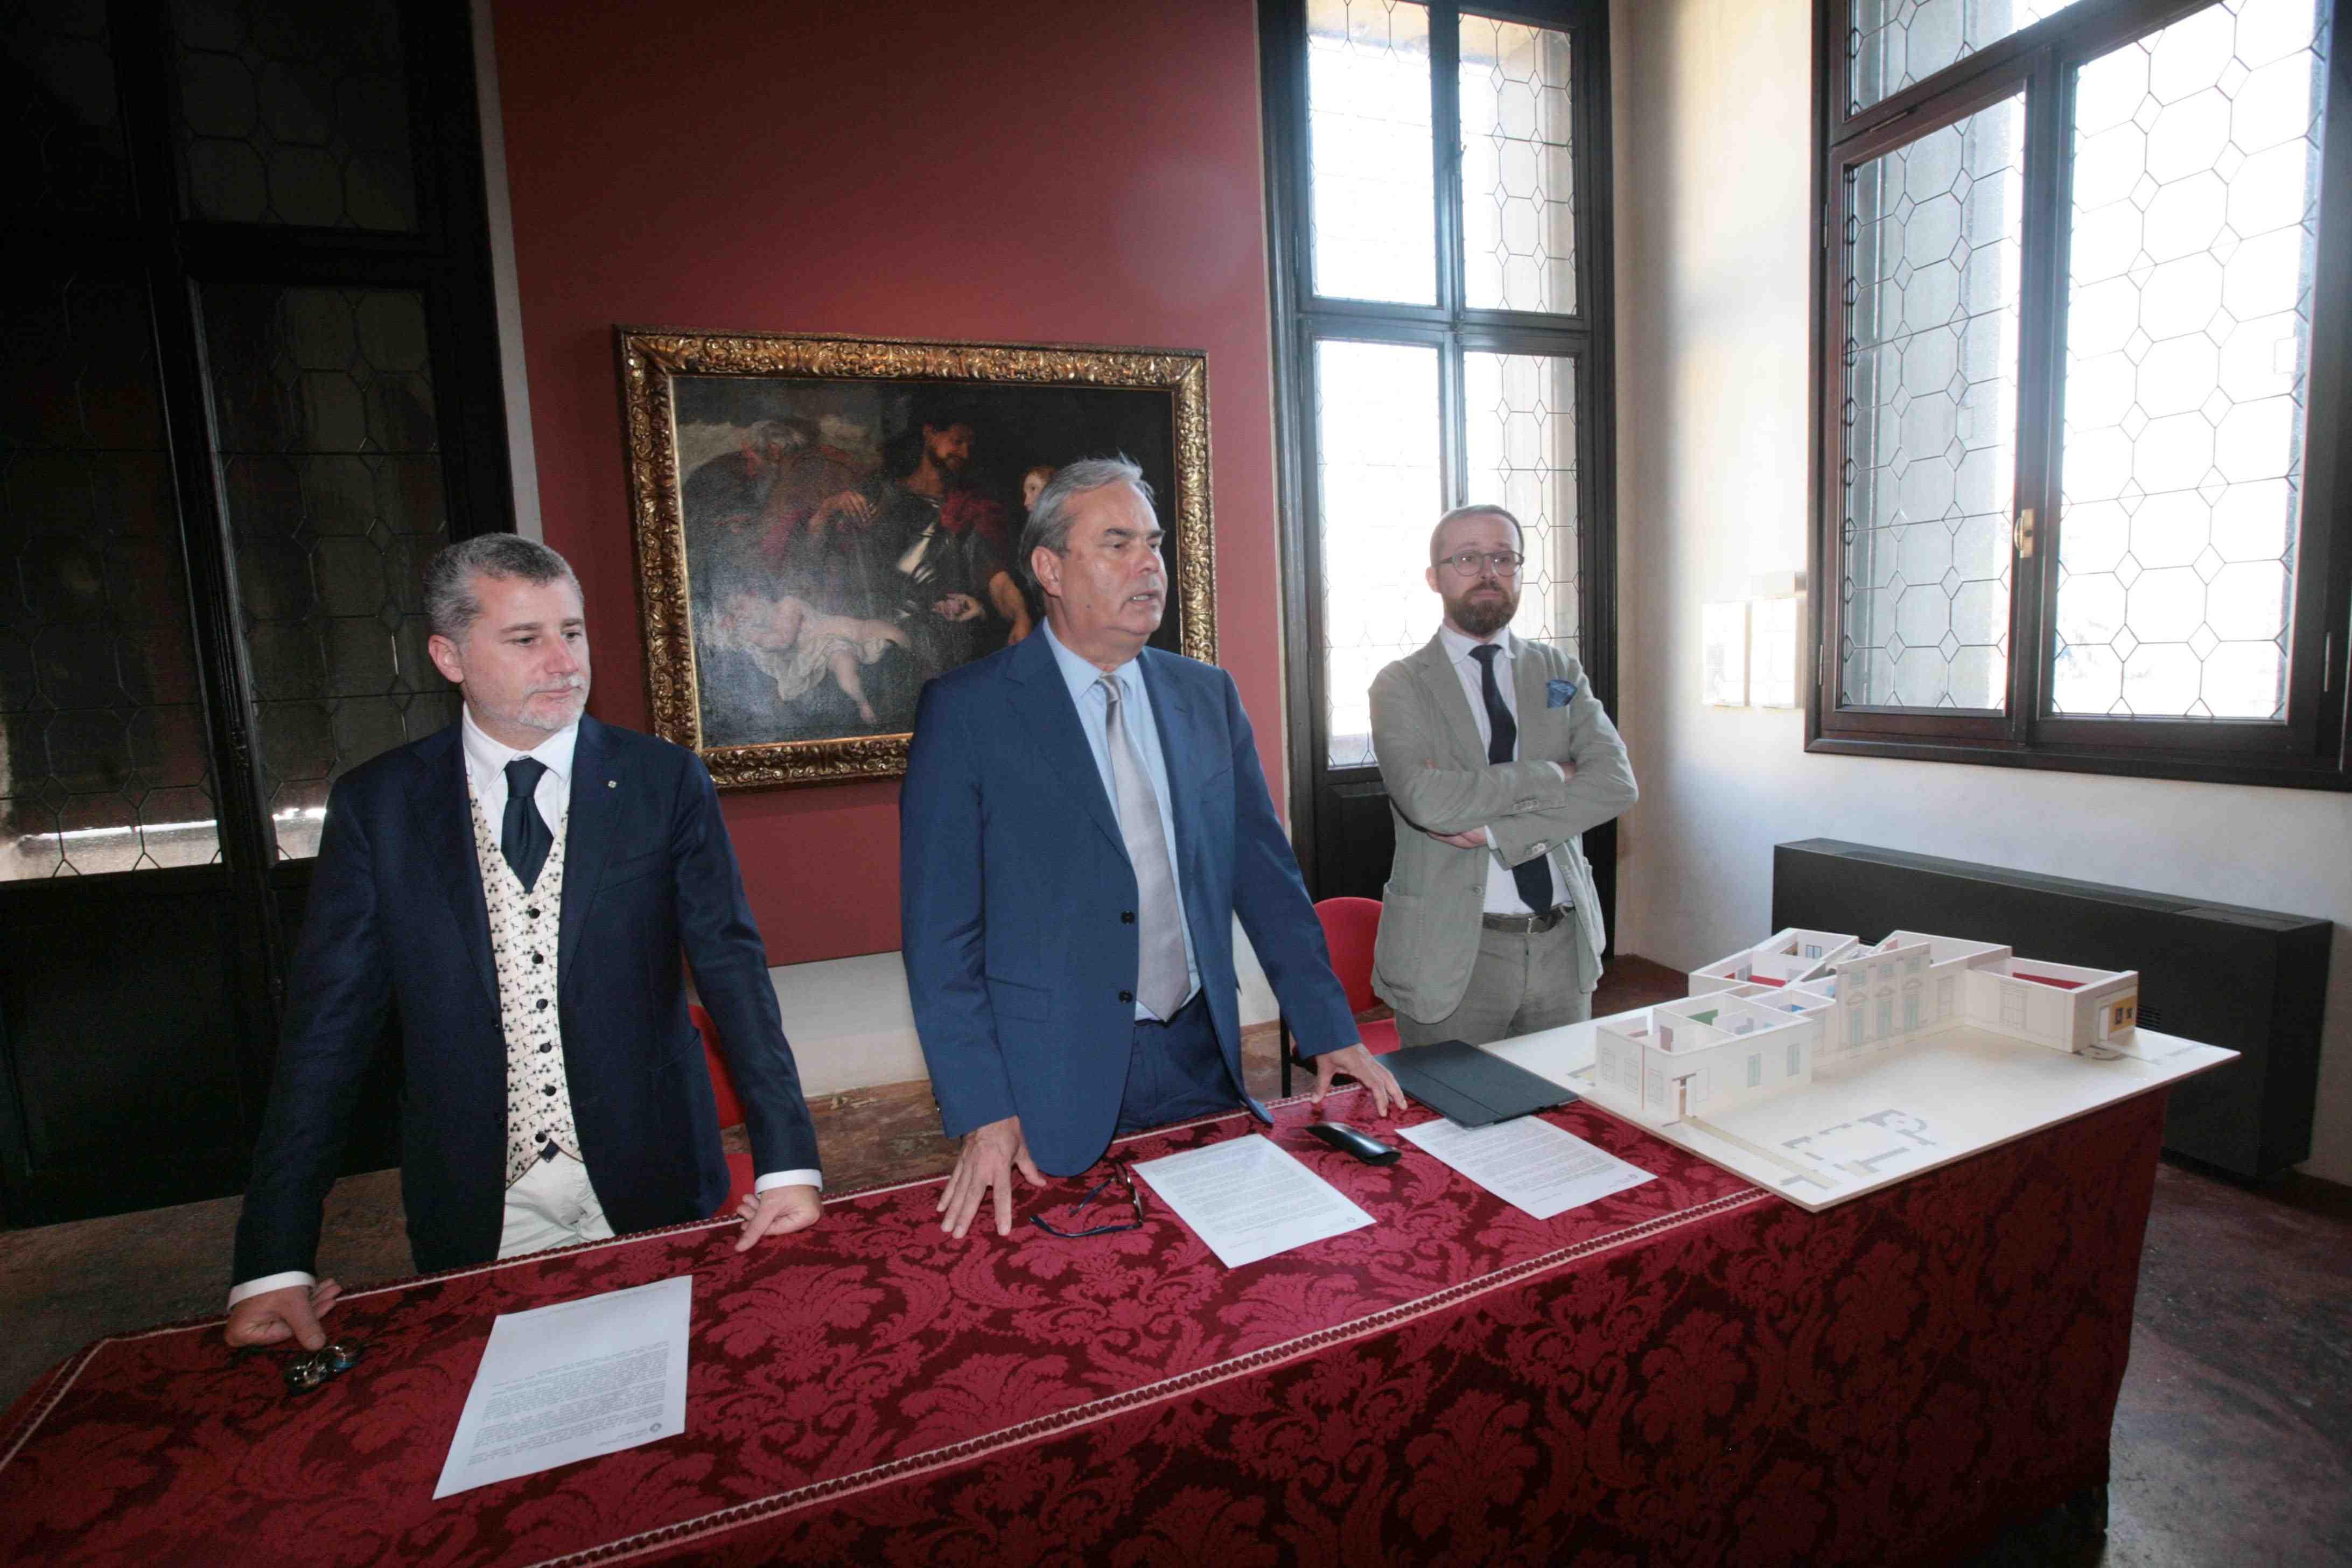 Cantieri al Chiericati e la Cariverona finanzia l'ala ottocentesca